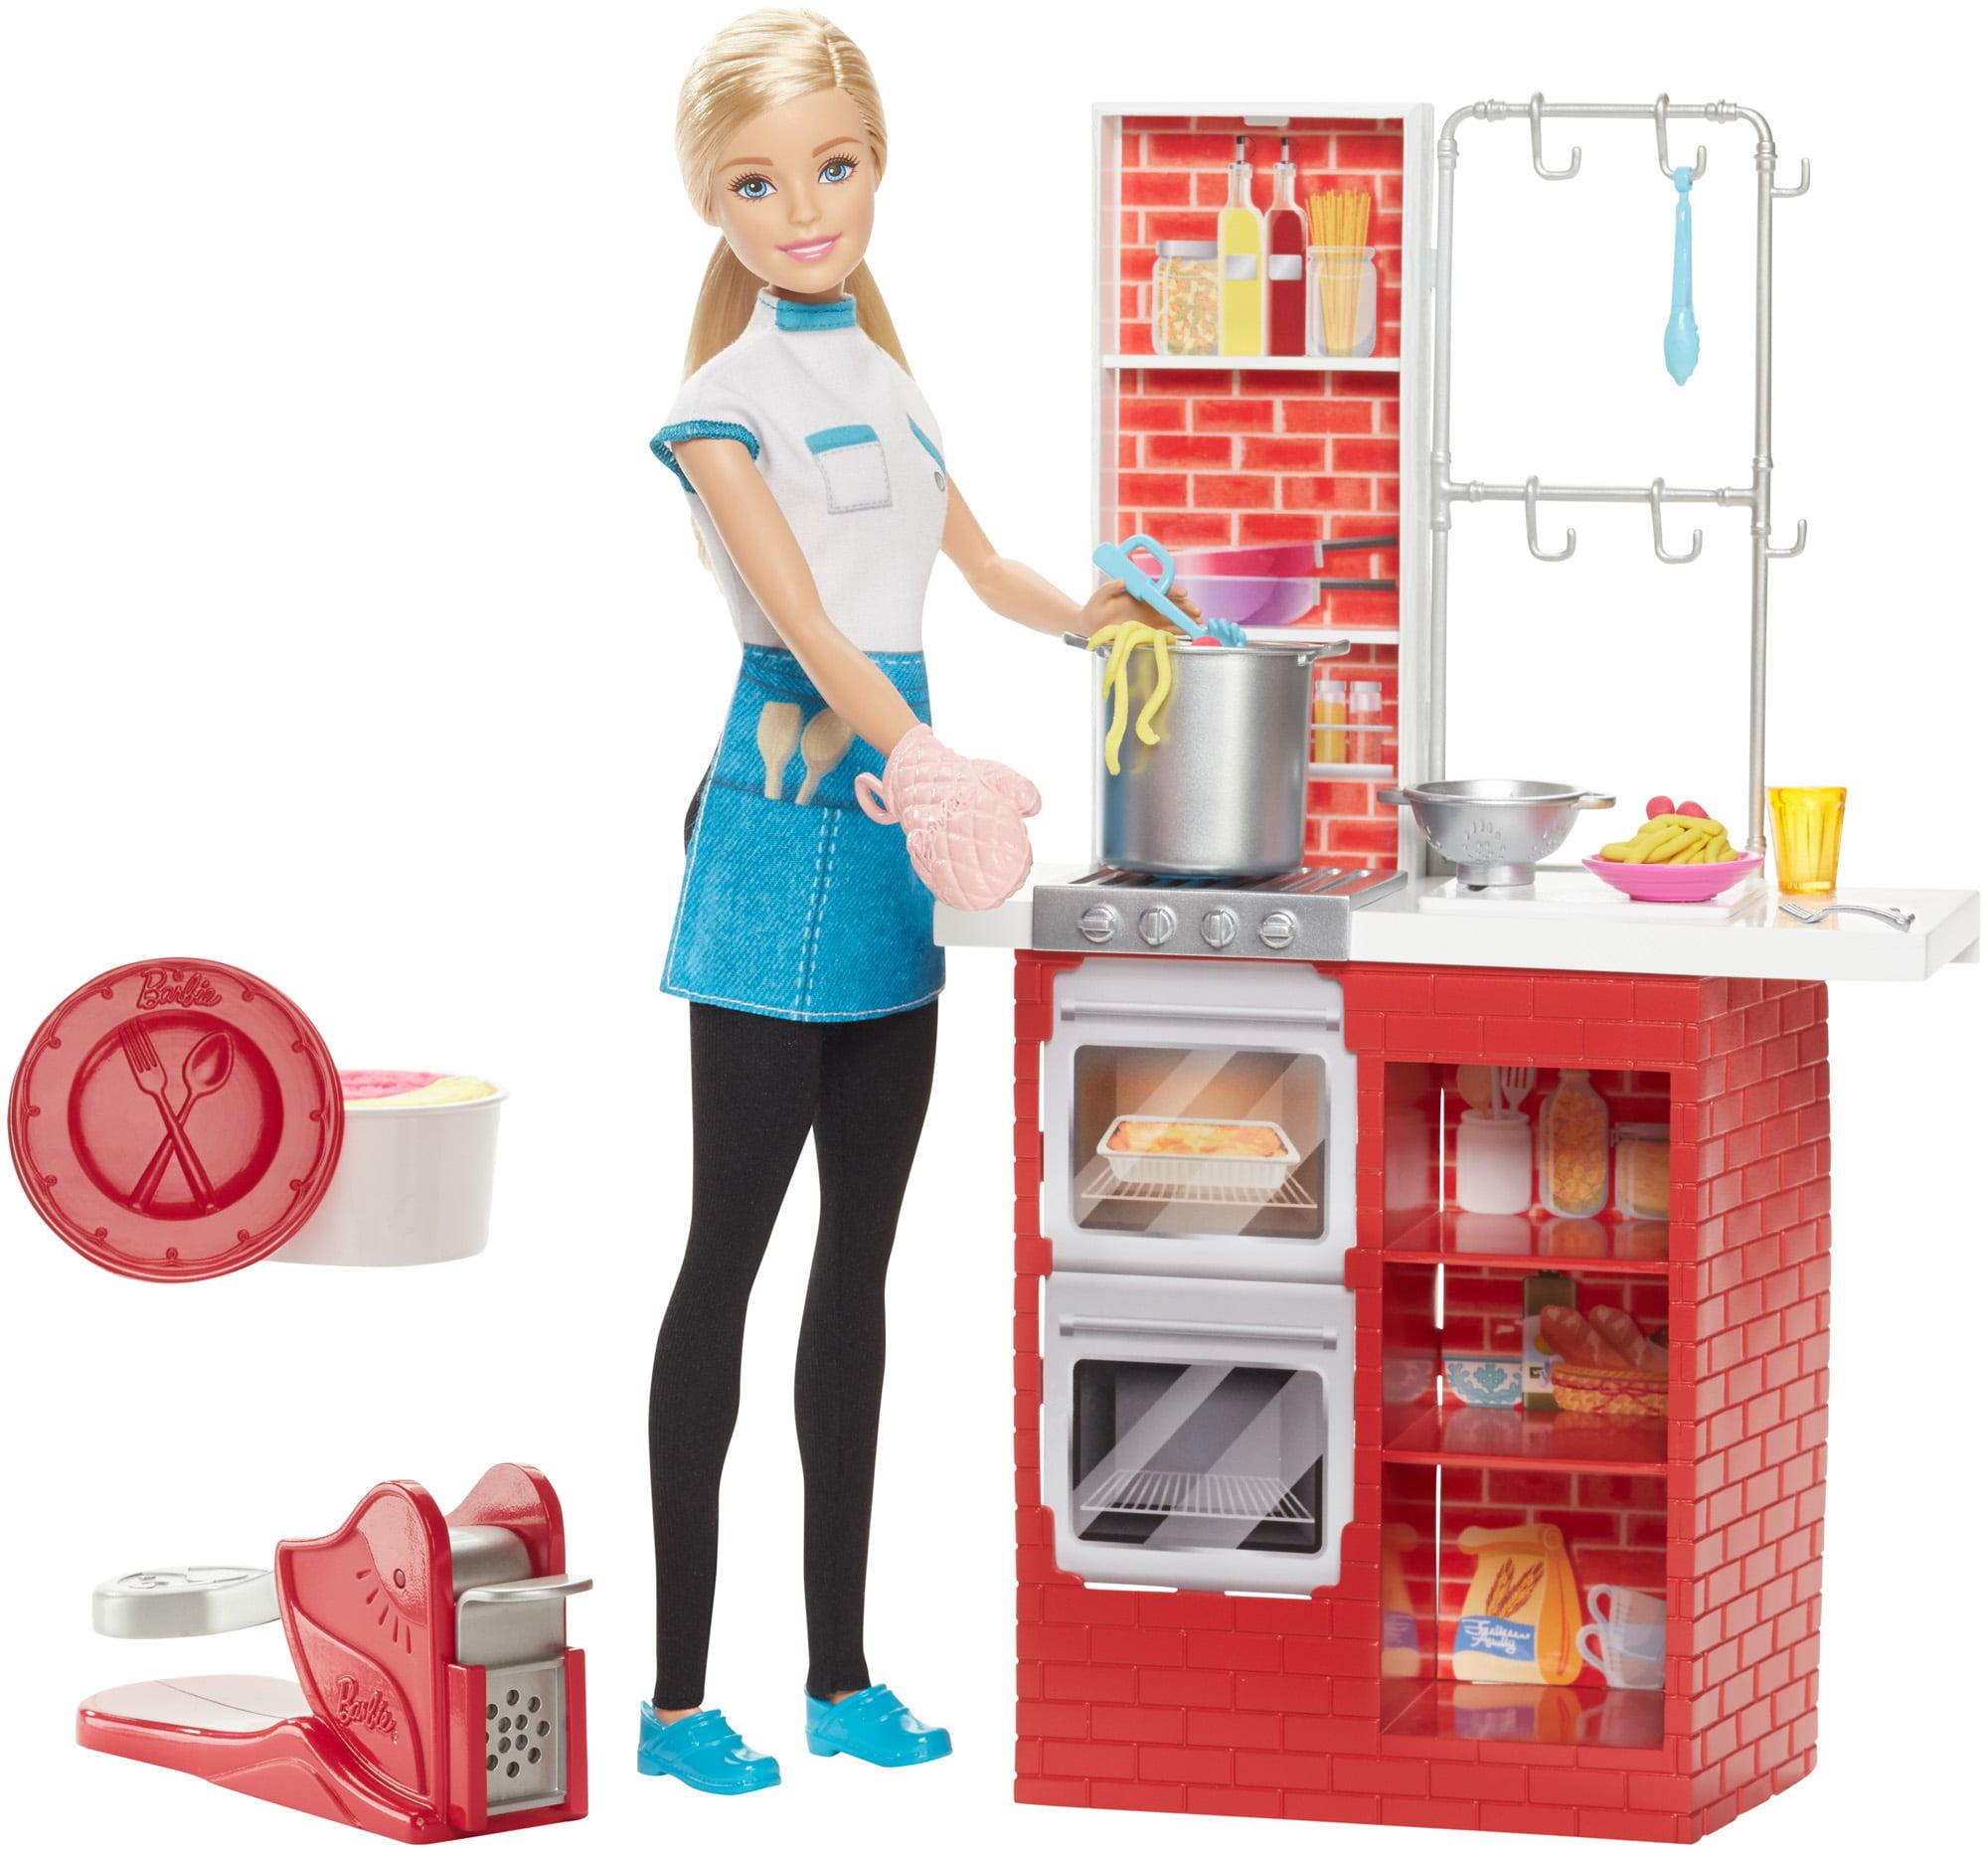 Barbie Spaghetti Chef Doll & Playset by MATTEL INC.